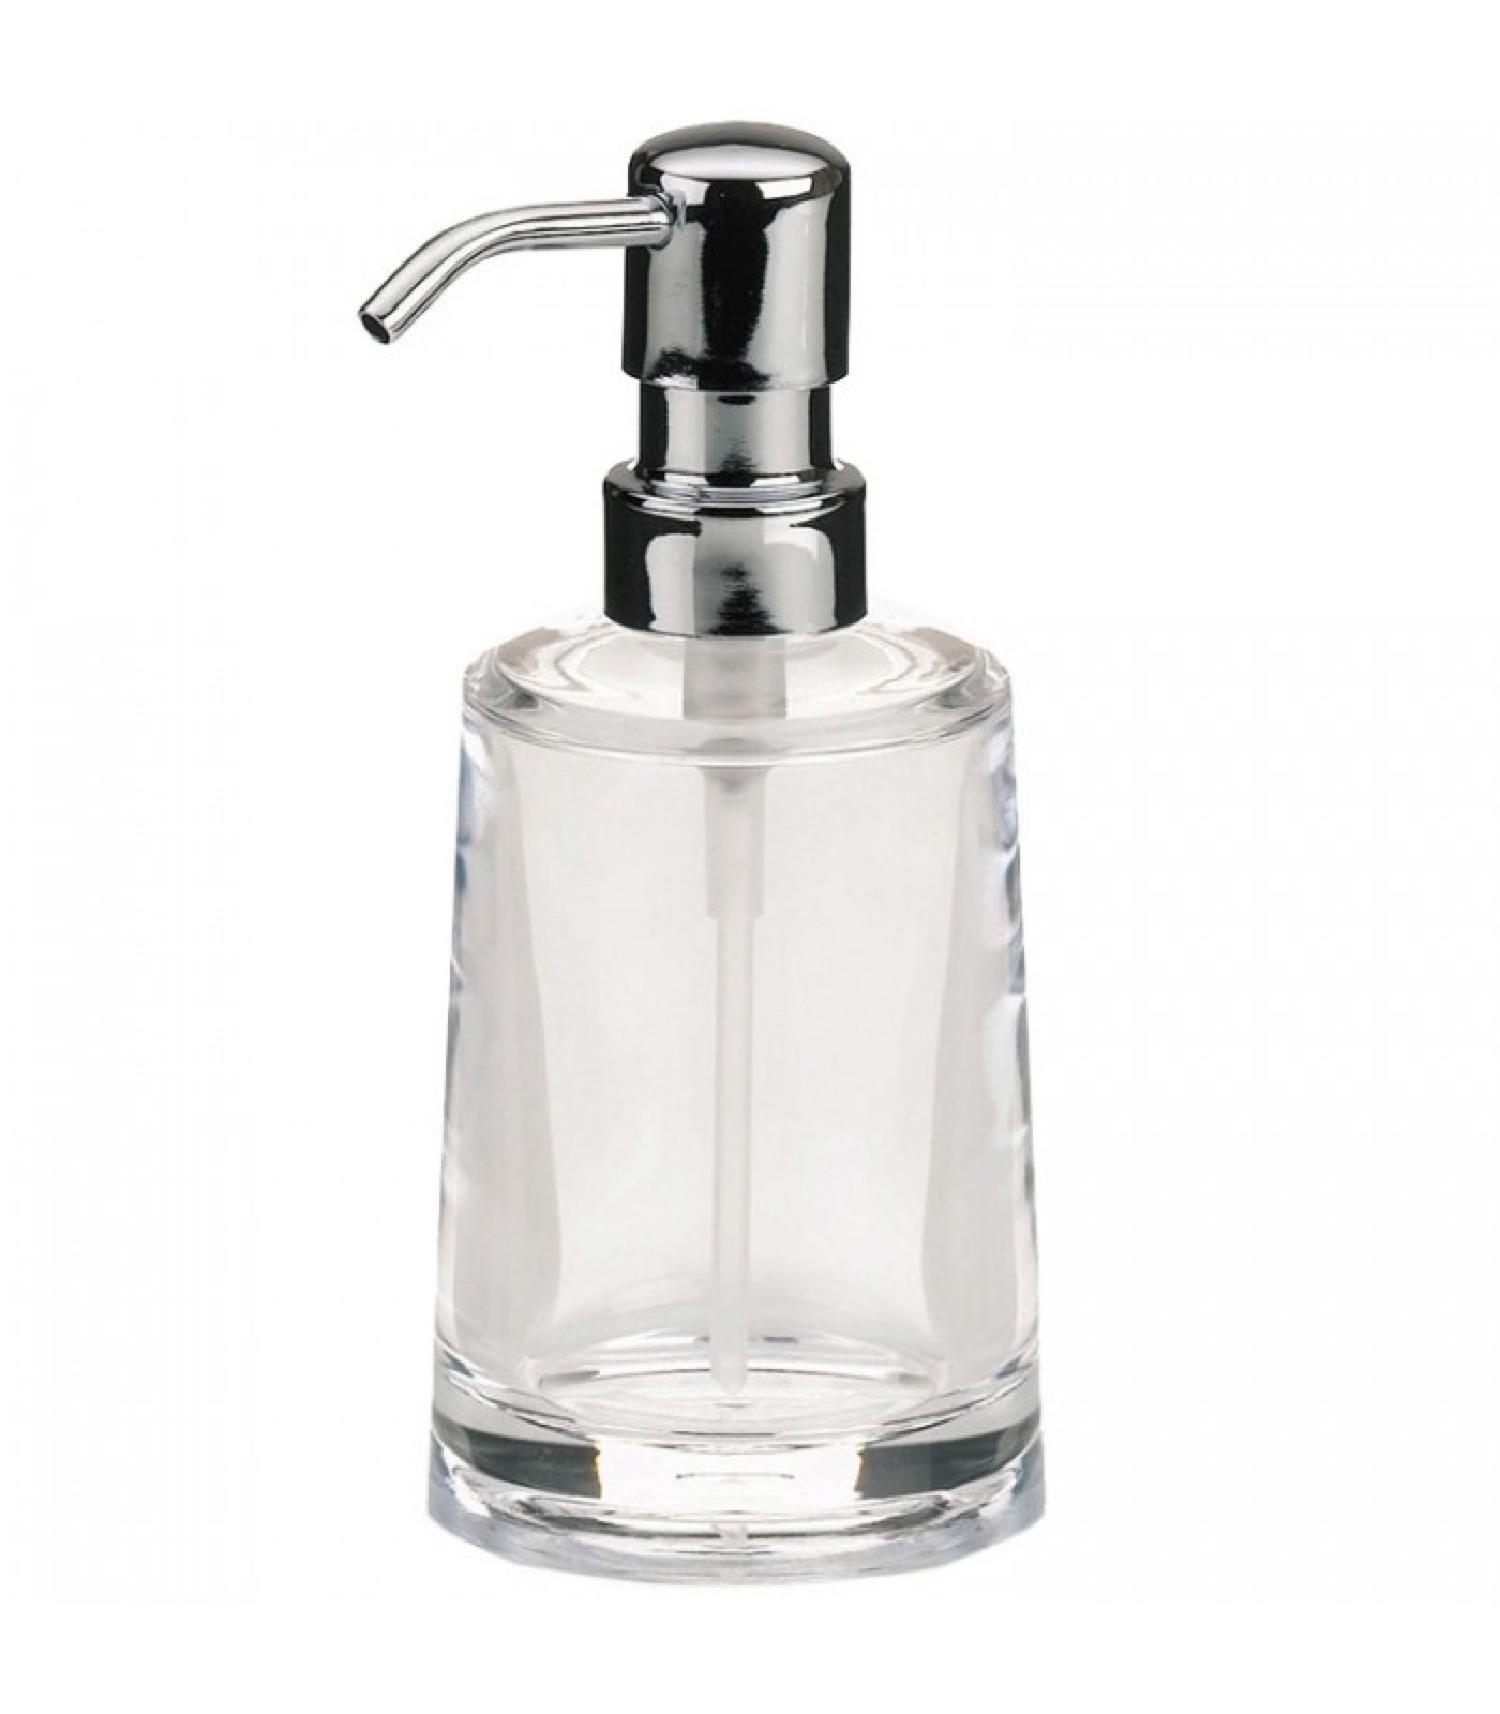 Distributeur de savon en acrylique transparent